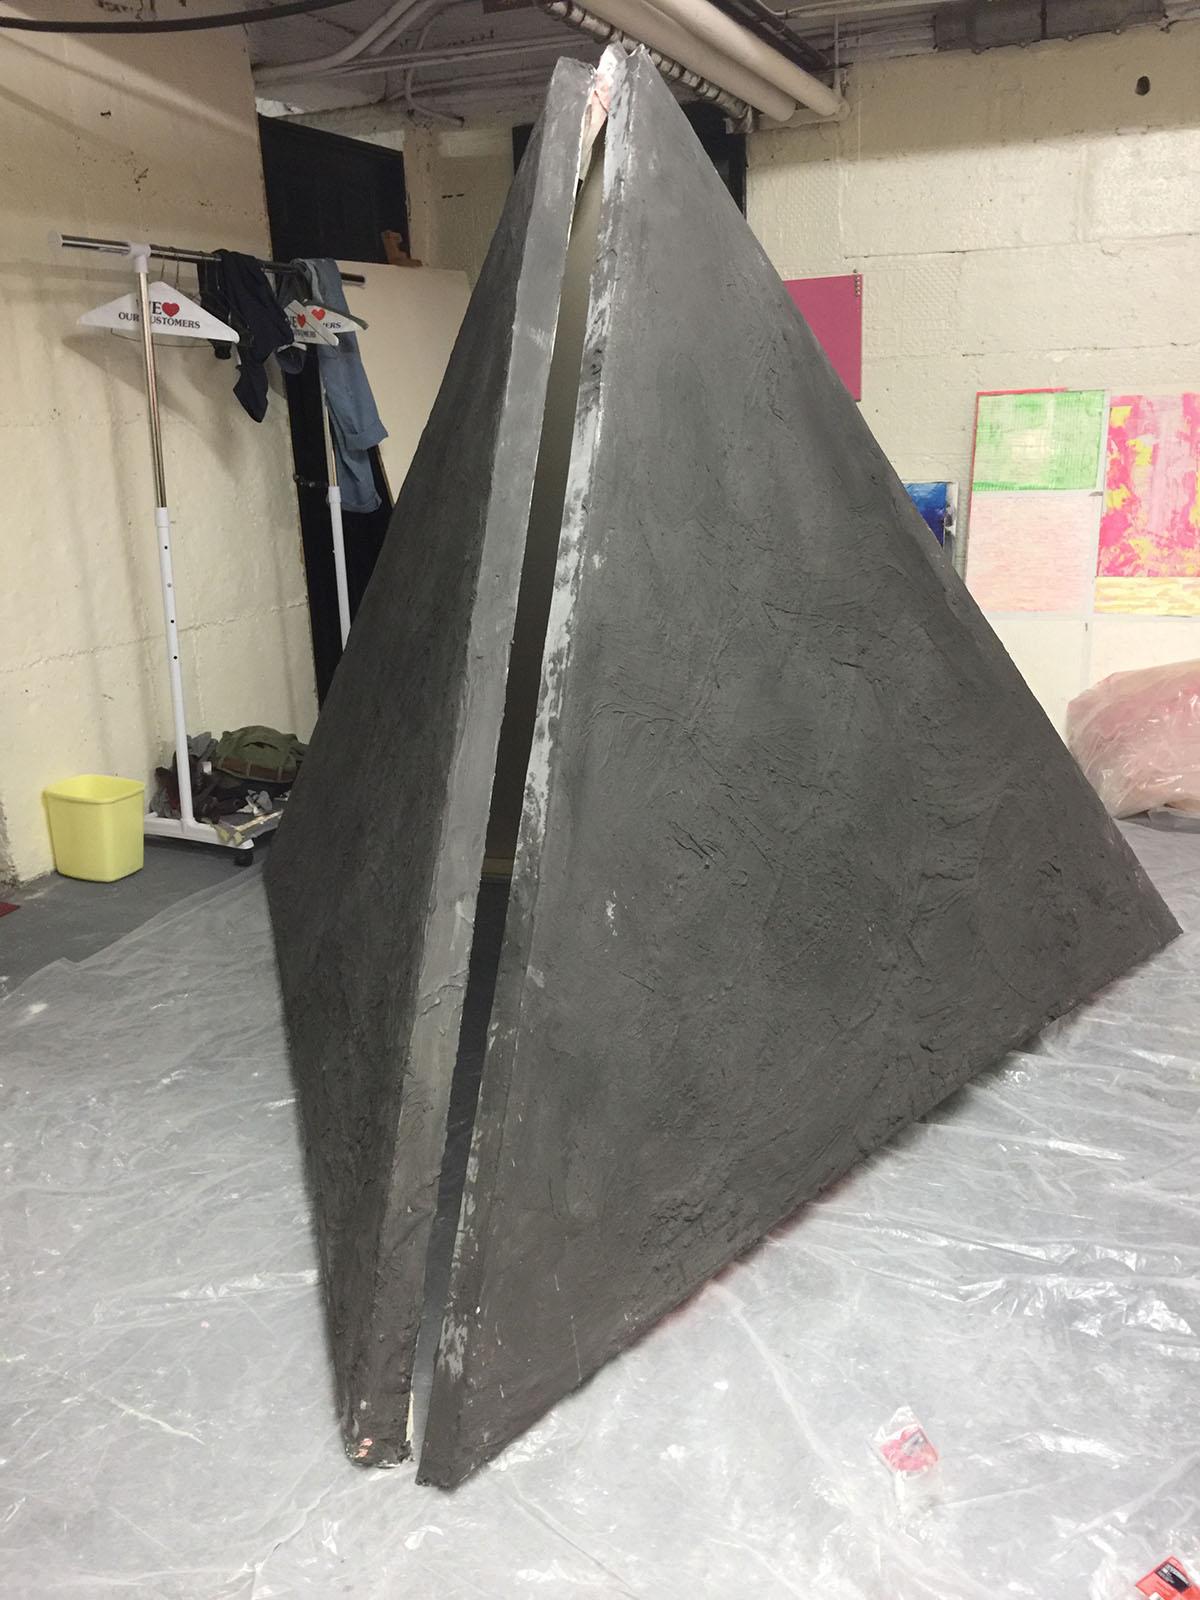 Sculpture under normal light, uncracked.